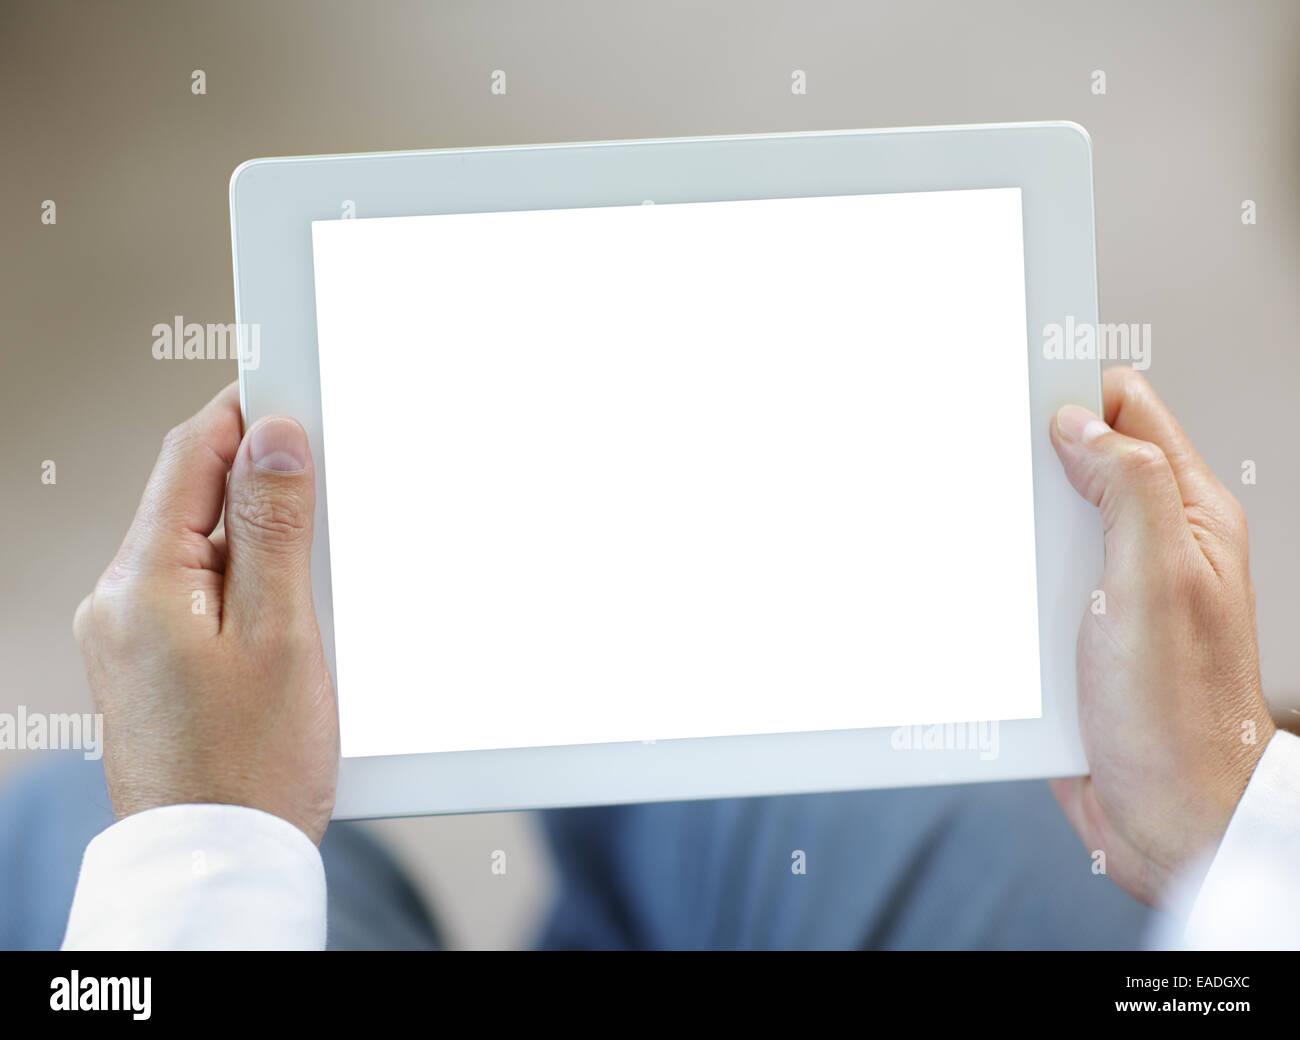 Tableta digital con pantalla en blanco Imagen De Stock